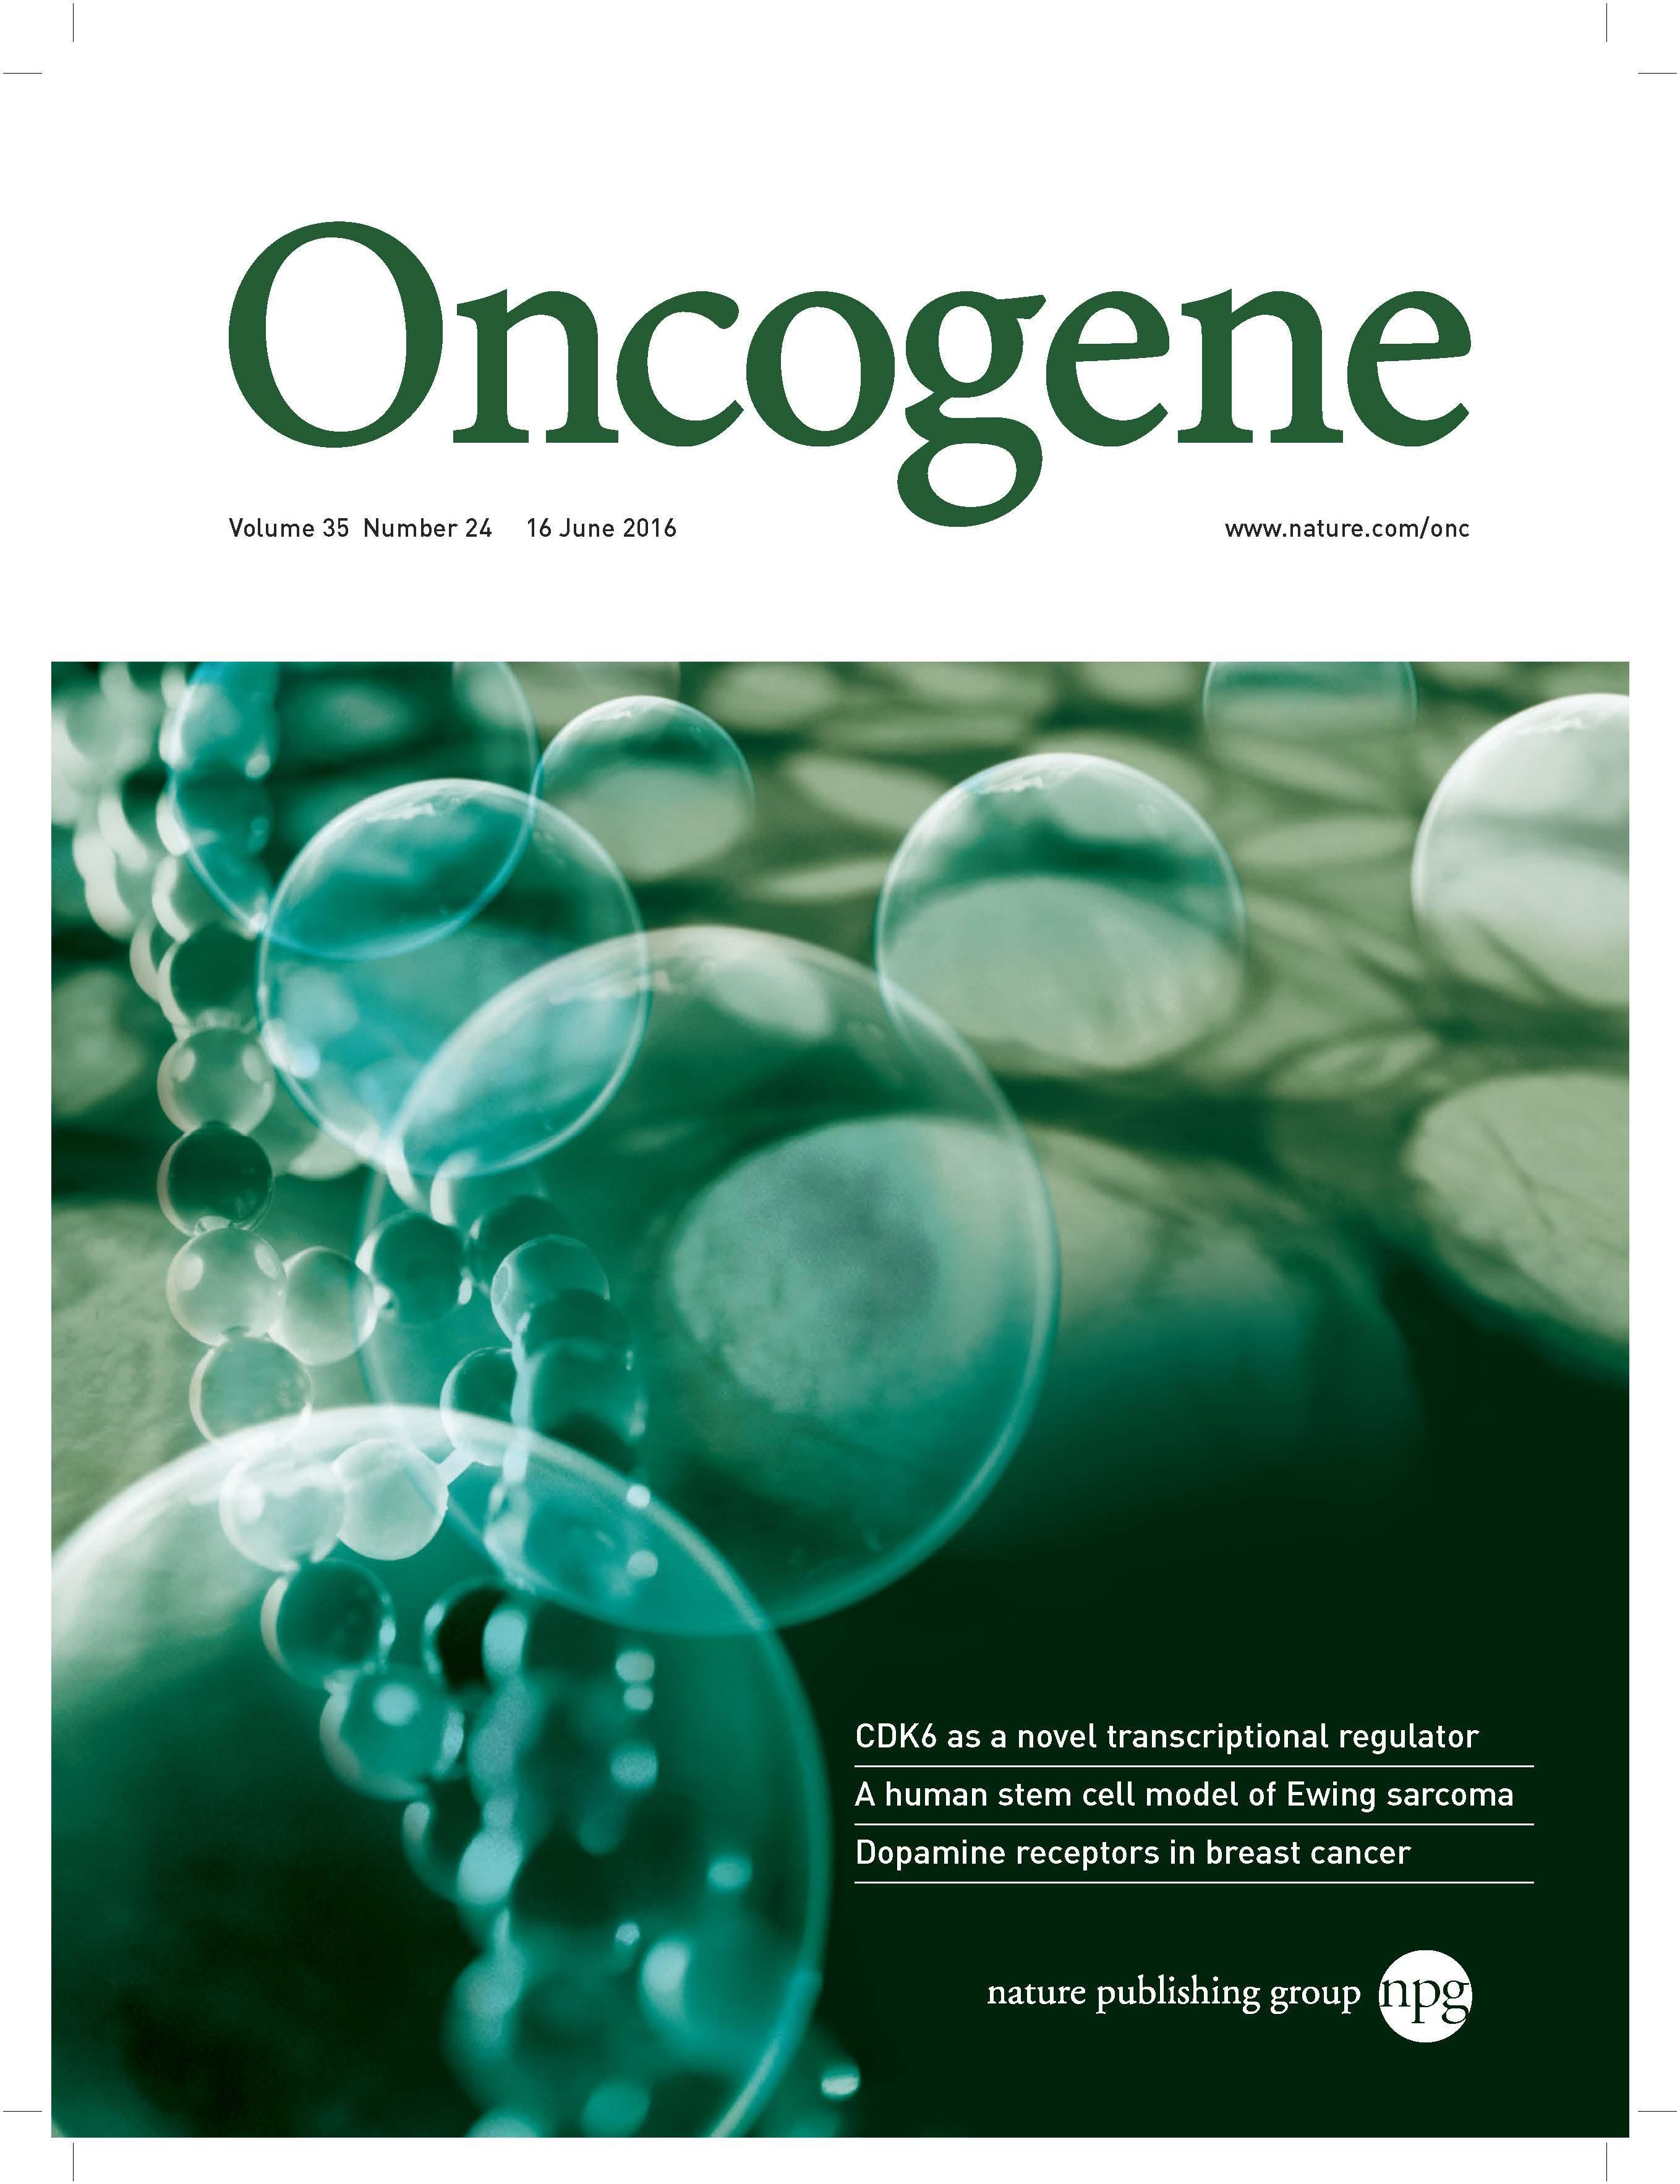 AJ: Oncogene